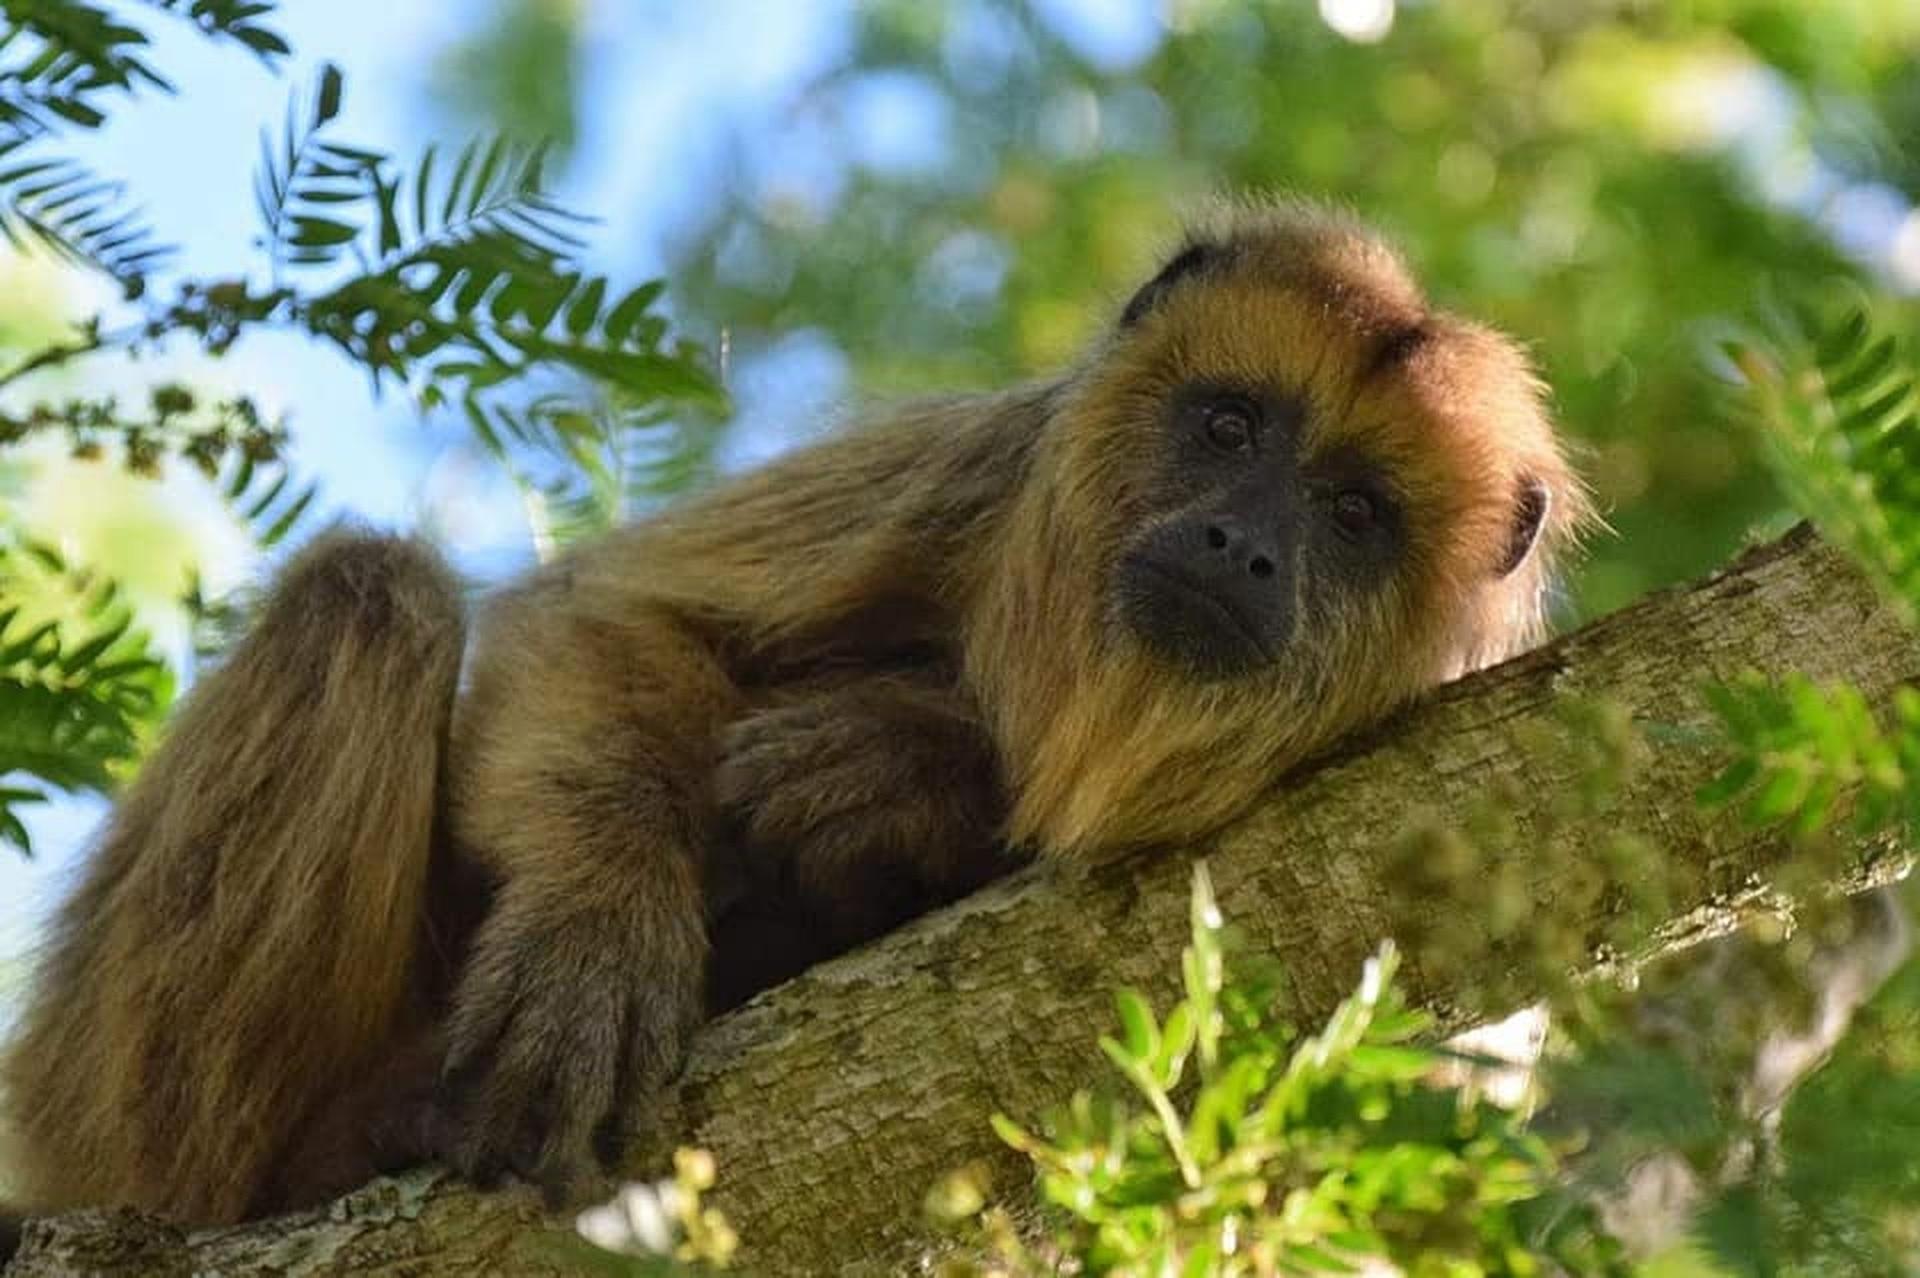 Las colonias de monos son uno de los principales atractivos del humedal junto al que se encuentra la localidad de Villa Ocampo.